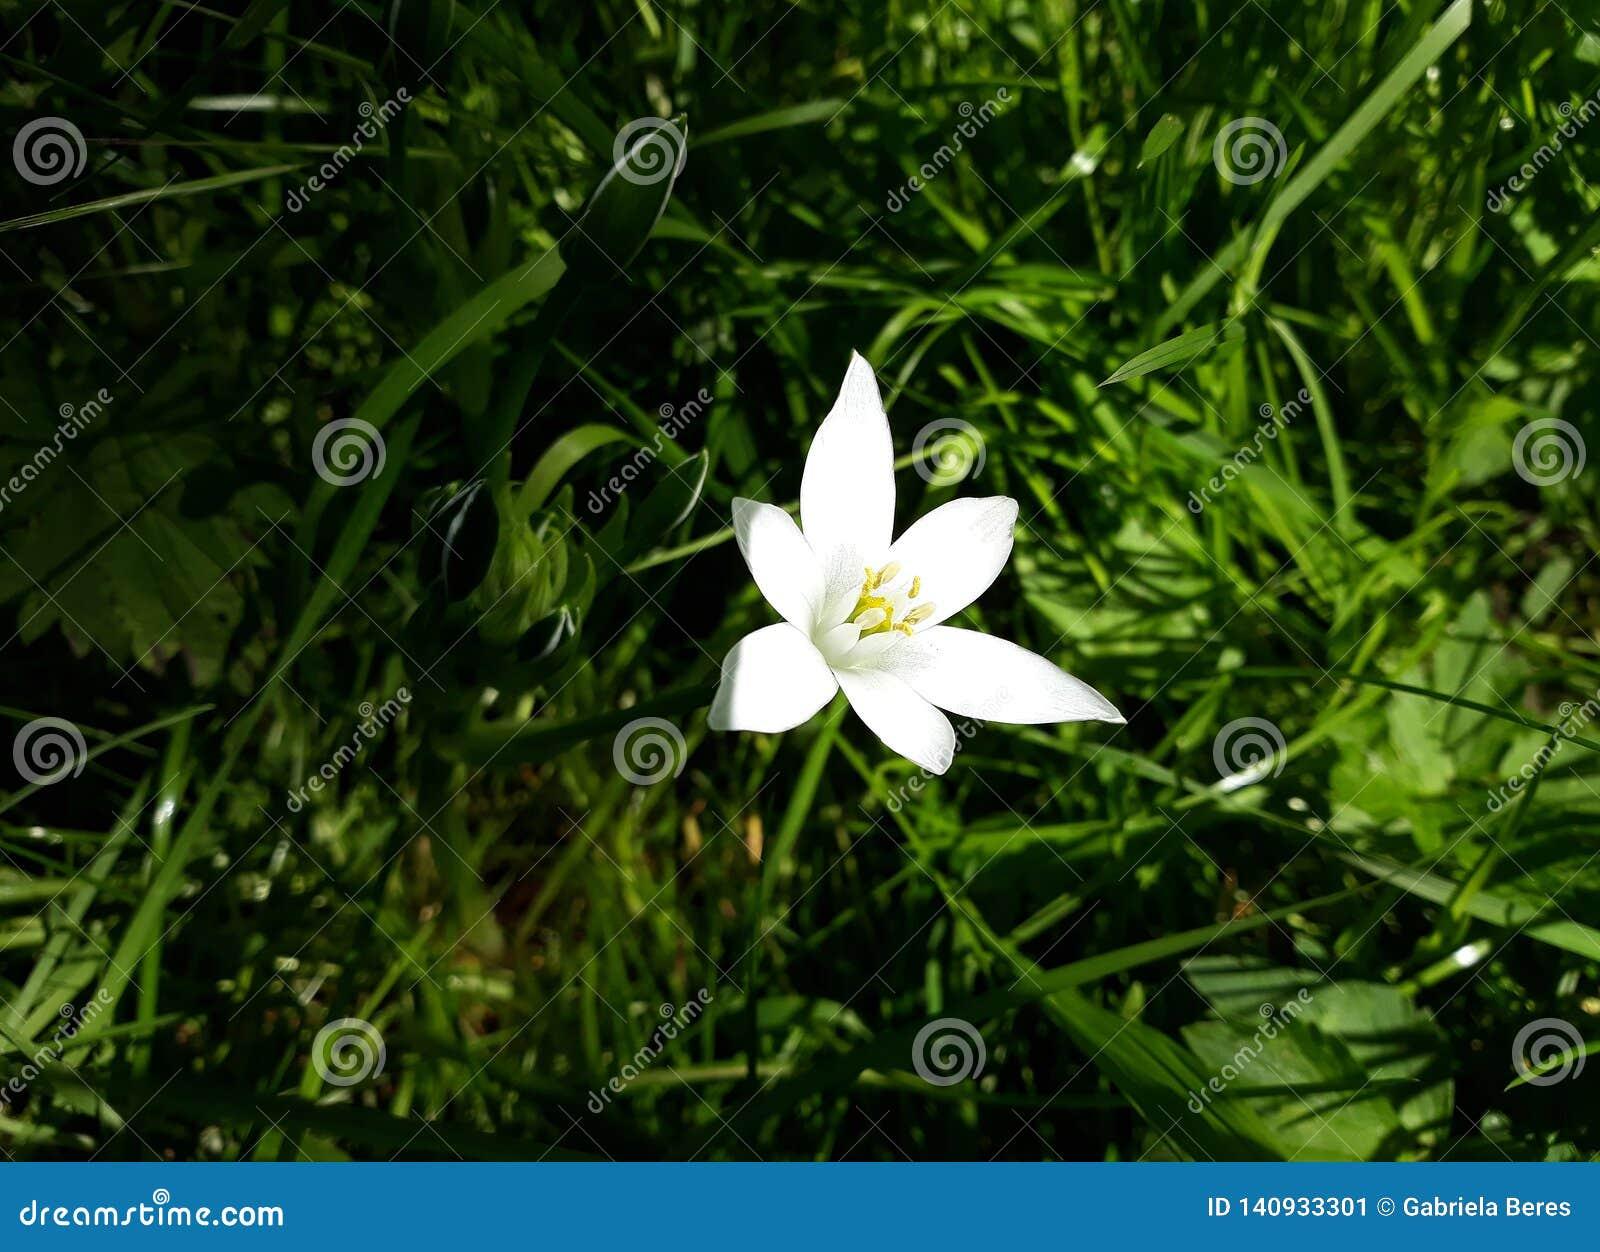 Ciérrese para arriba del lirio blanco de la lluvia, flor de la candida de Zephyranthes